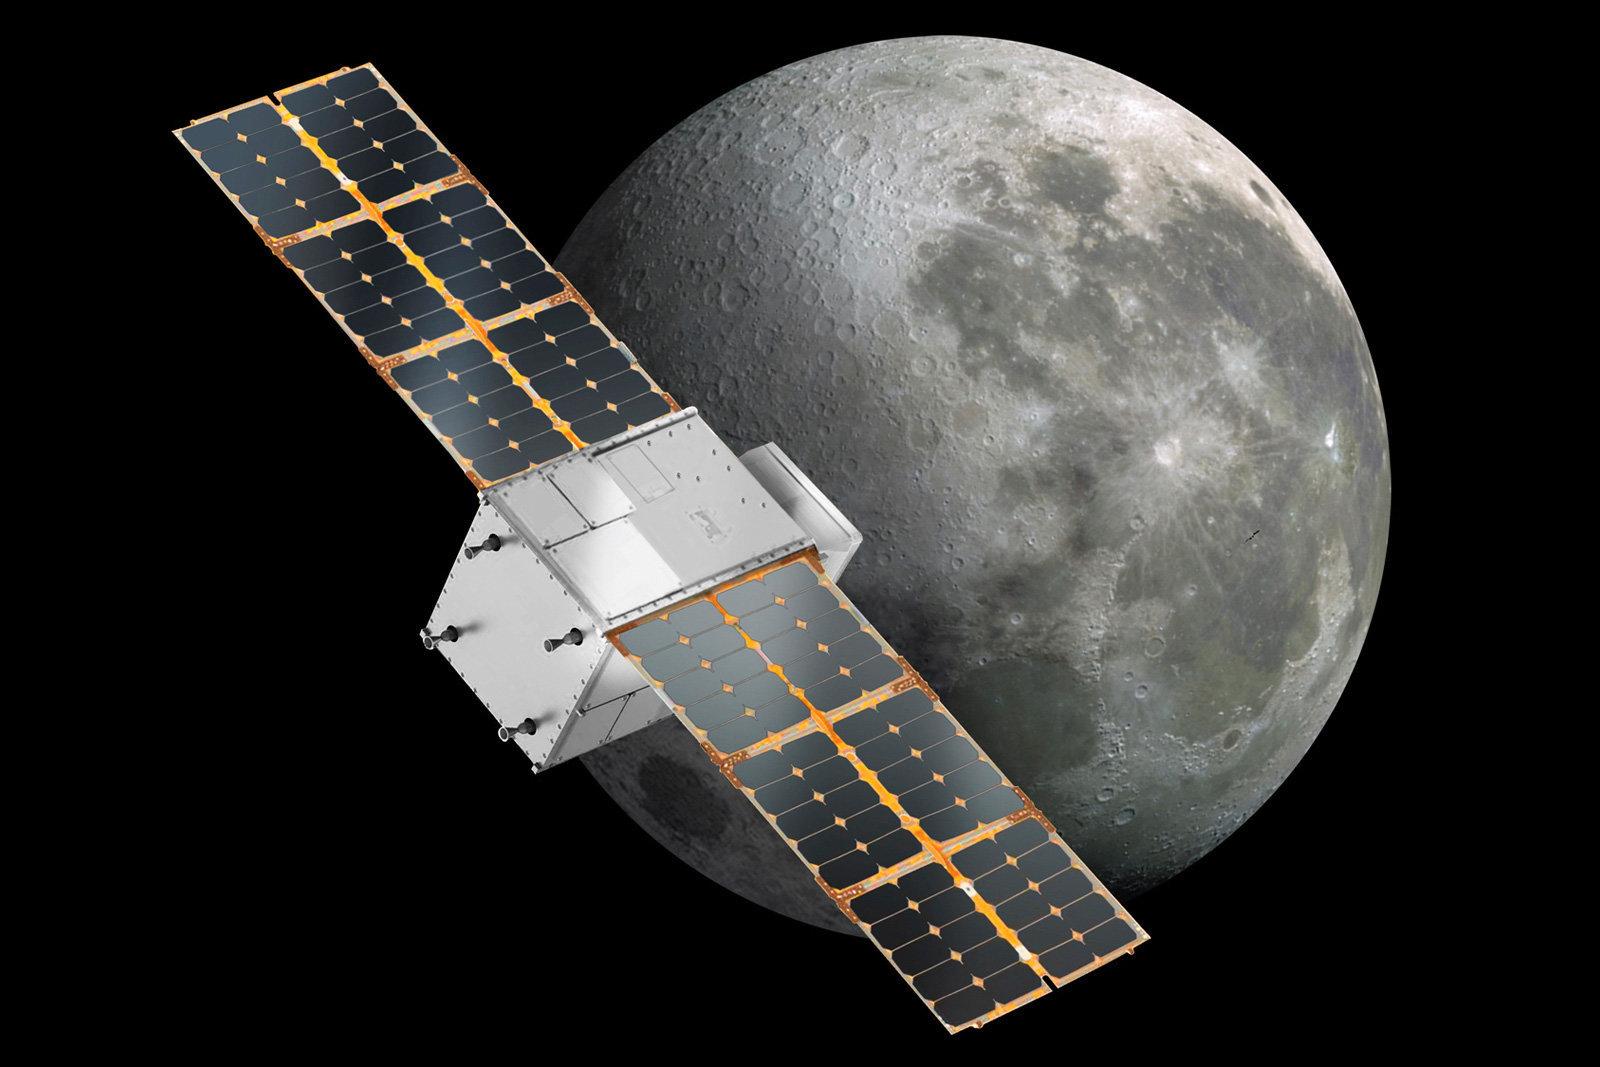 """RocketLab将向月球发射NASA立方体卫星 成为一个""""探路者""""助力Artemis计划"""